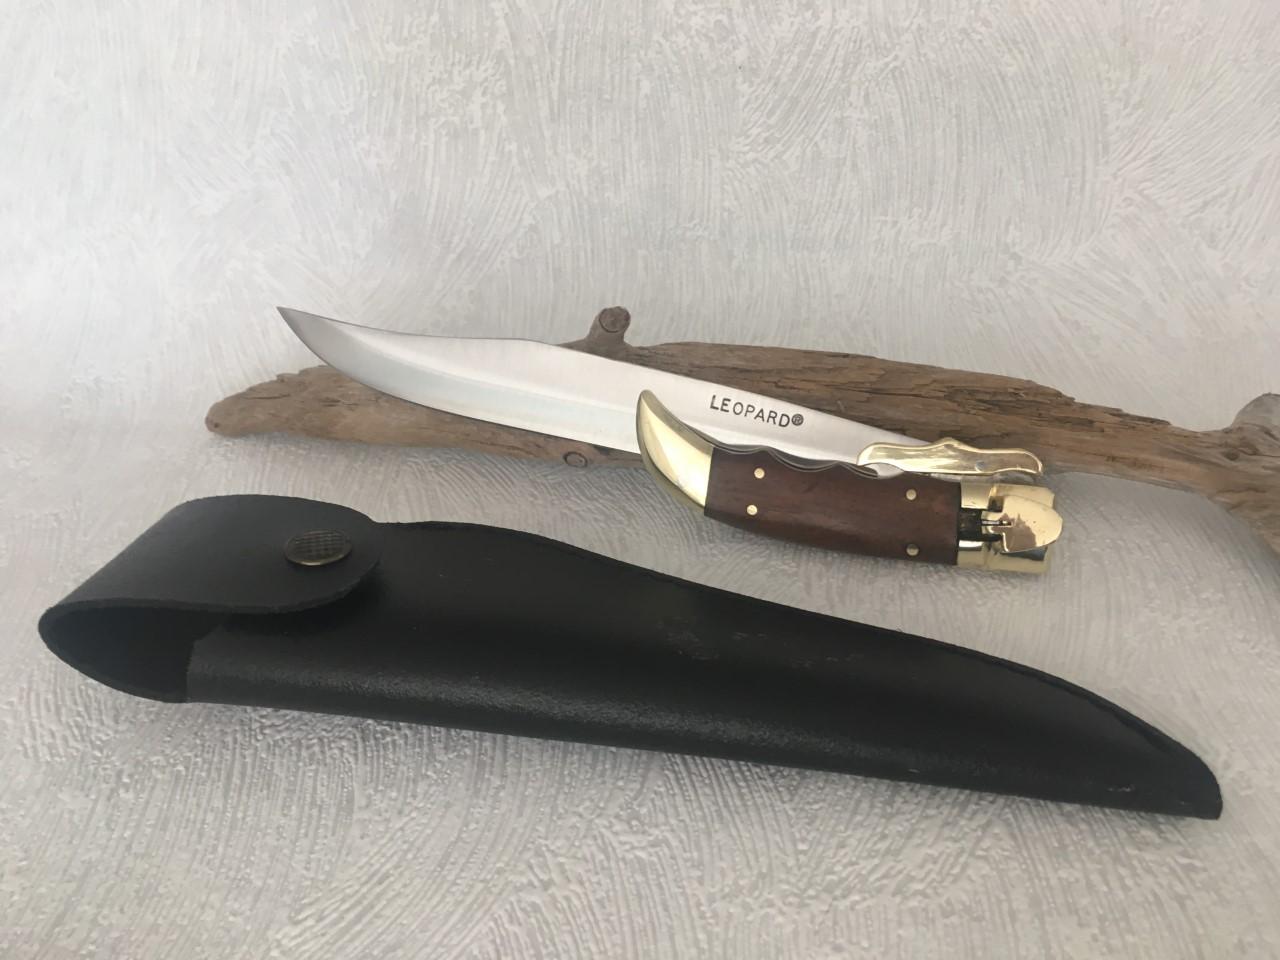 Couteau de chasse pliant Léopard au prix de 20,90 euros.